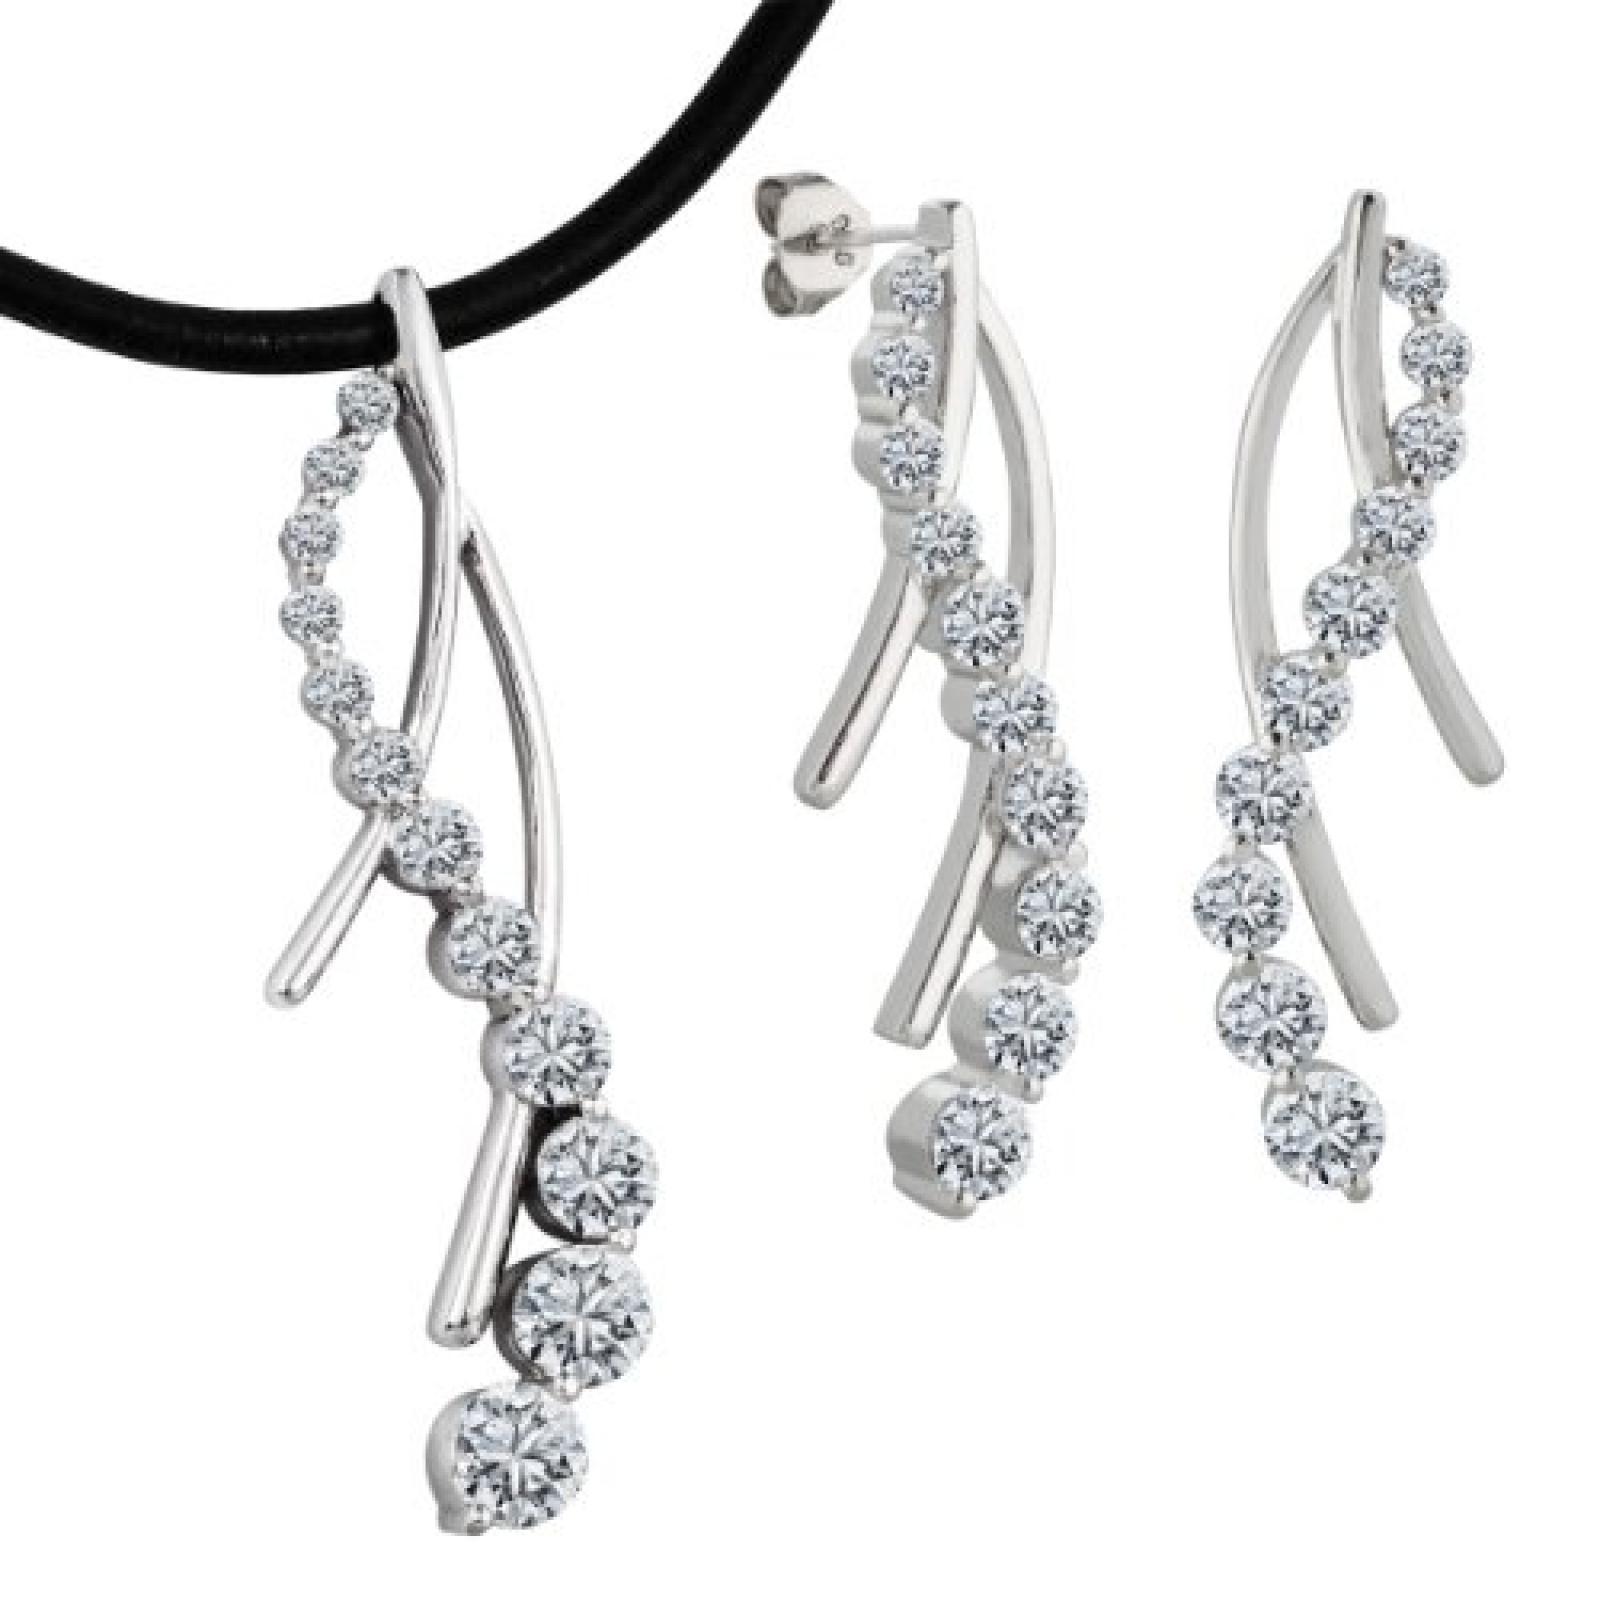 Bella Donna Damen-Set: Halskette und Ohrringe 925 Sterling Silber 32 Zirkonia weiss 43cm 109523